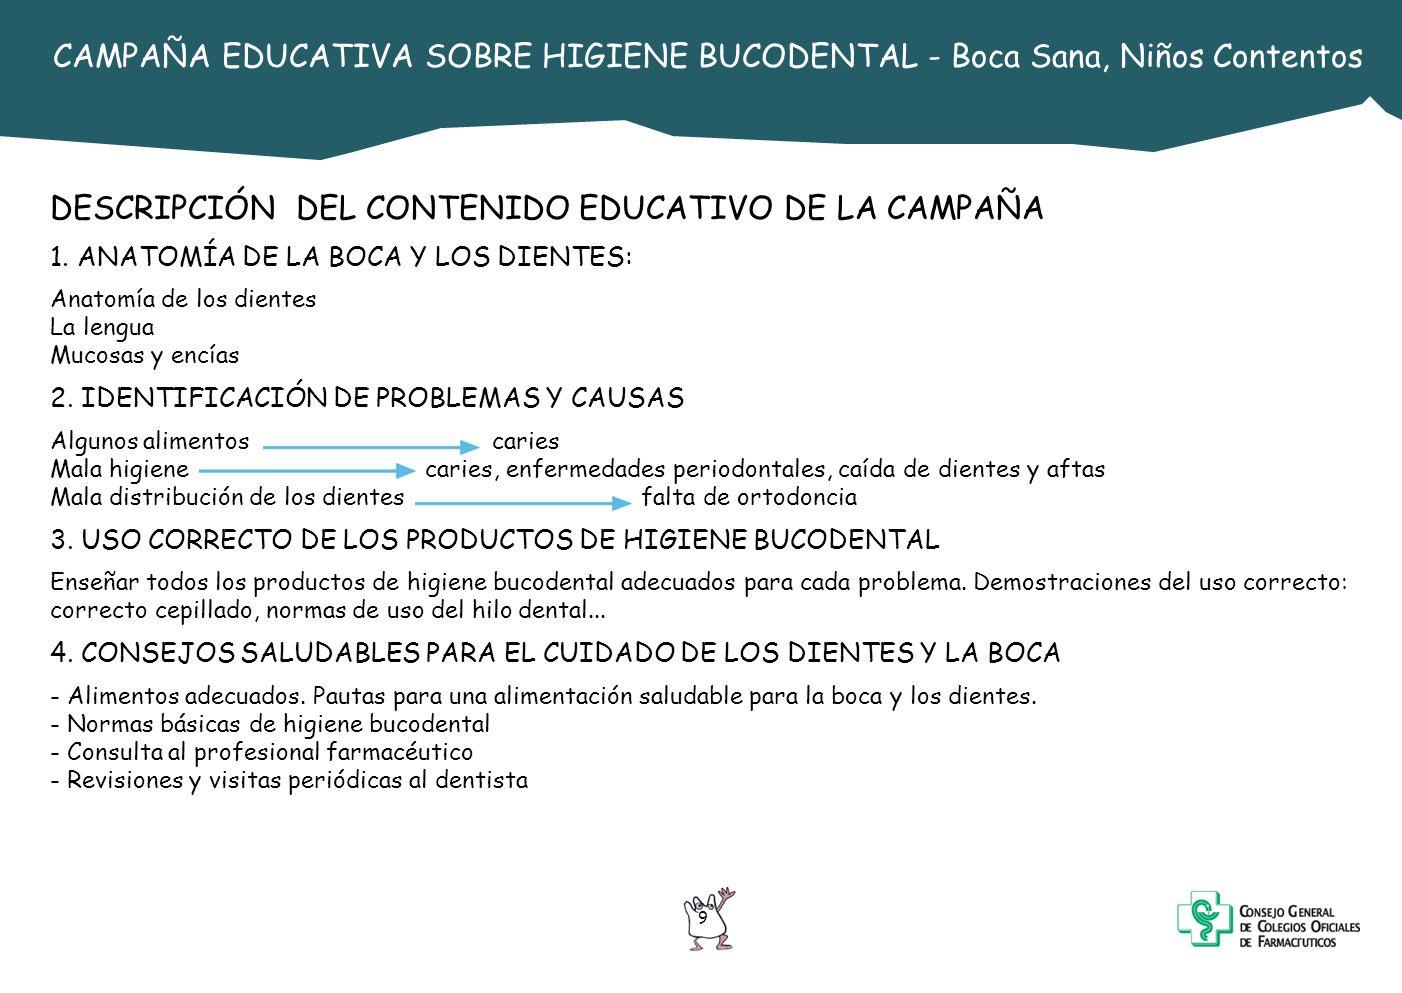 DESCRIPCIÓN DEL CONTENIDO EDUCATIVO DE LA CAMPAÑA